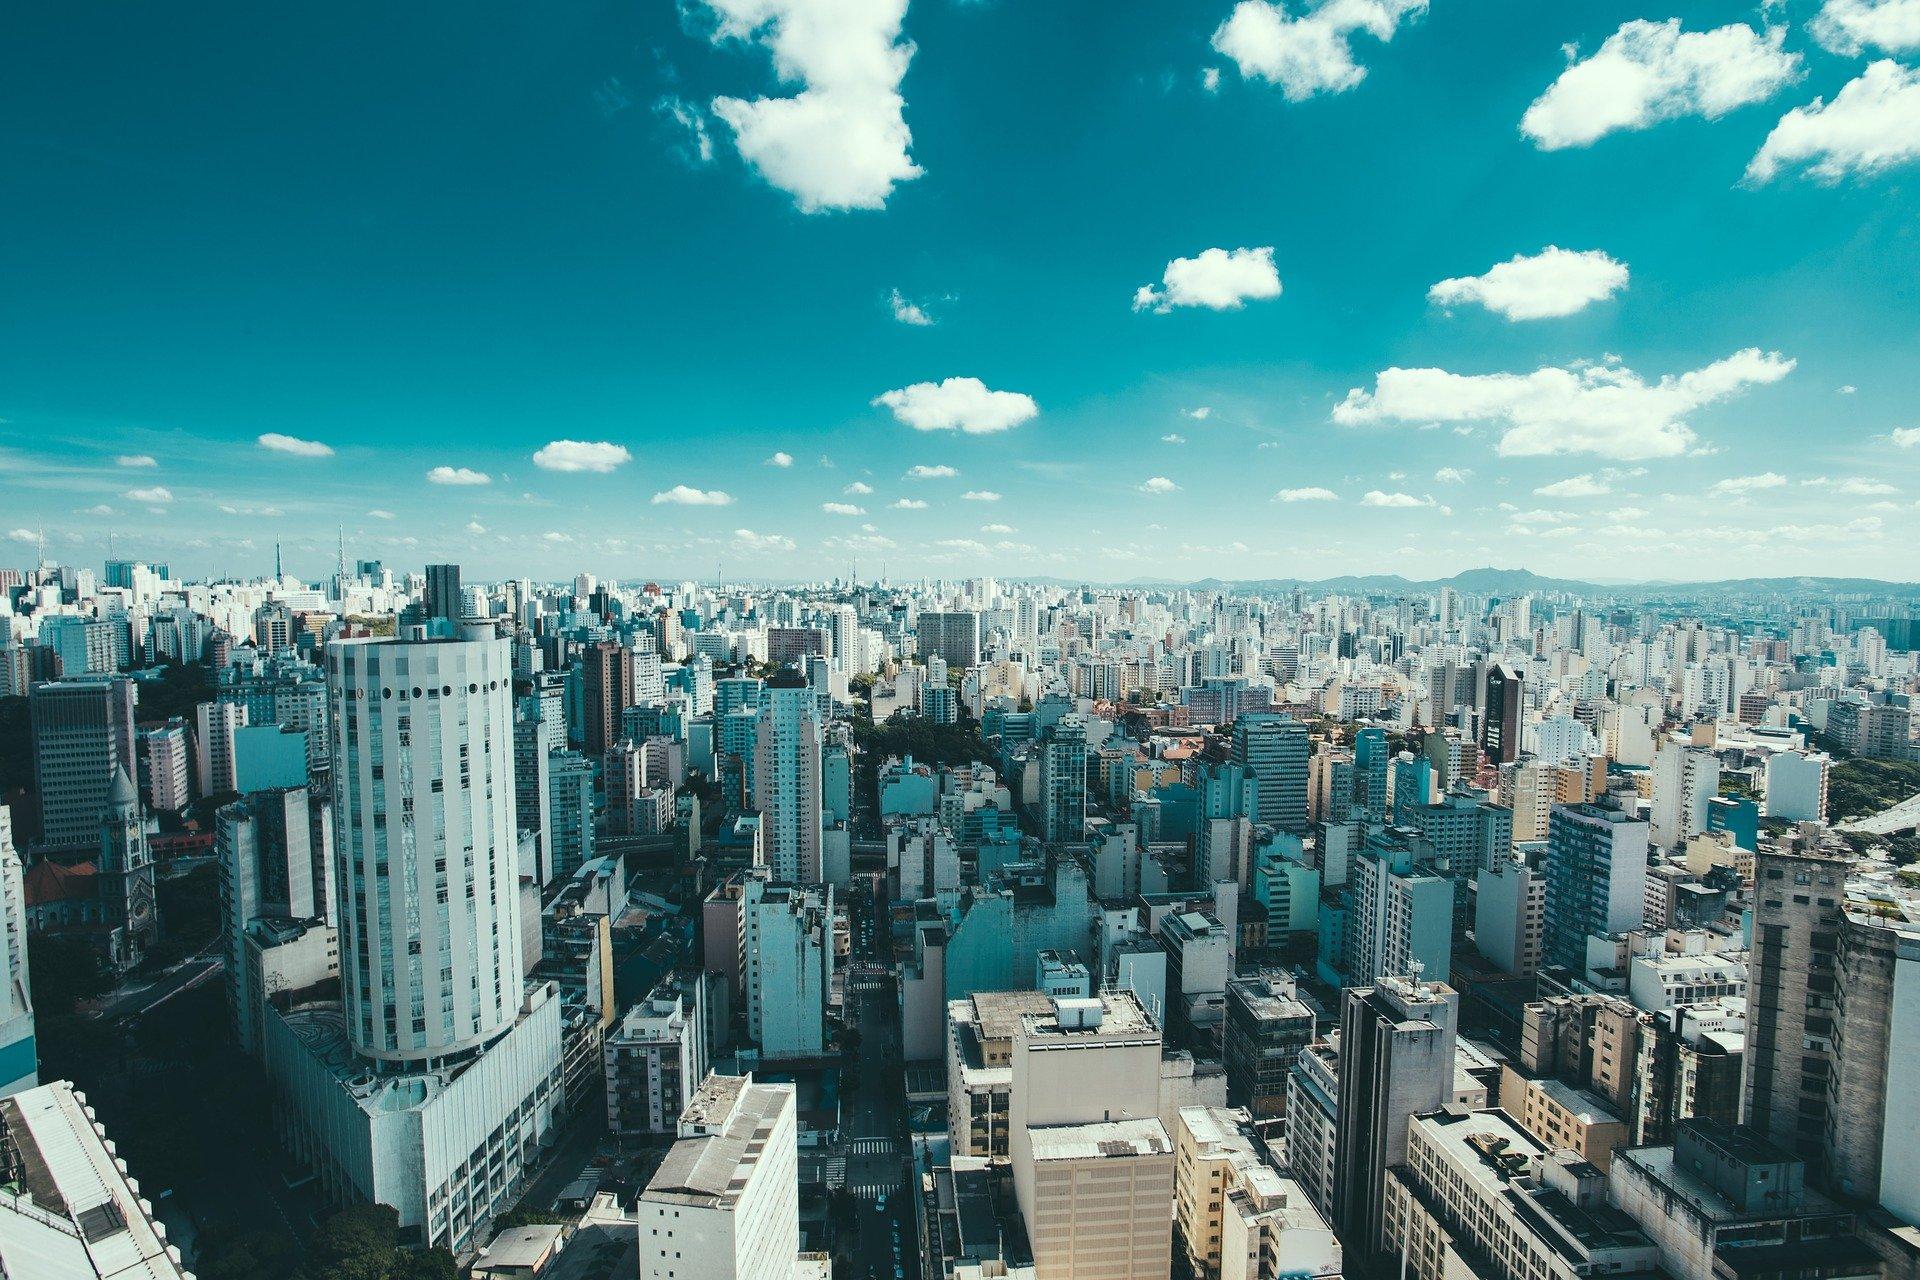 نمایی از شهر برزیل